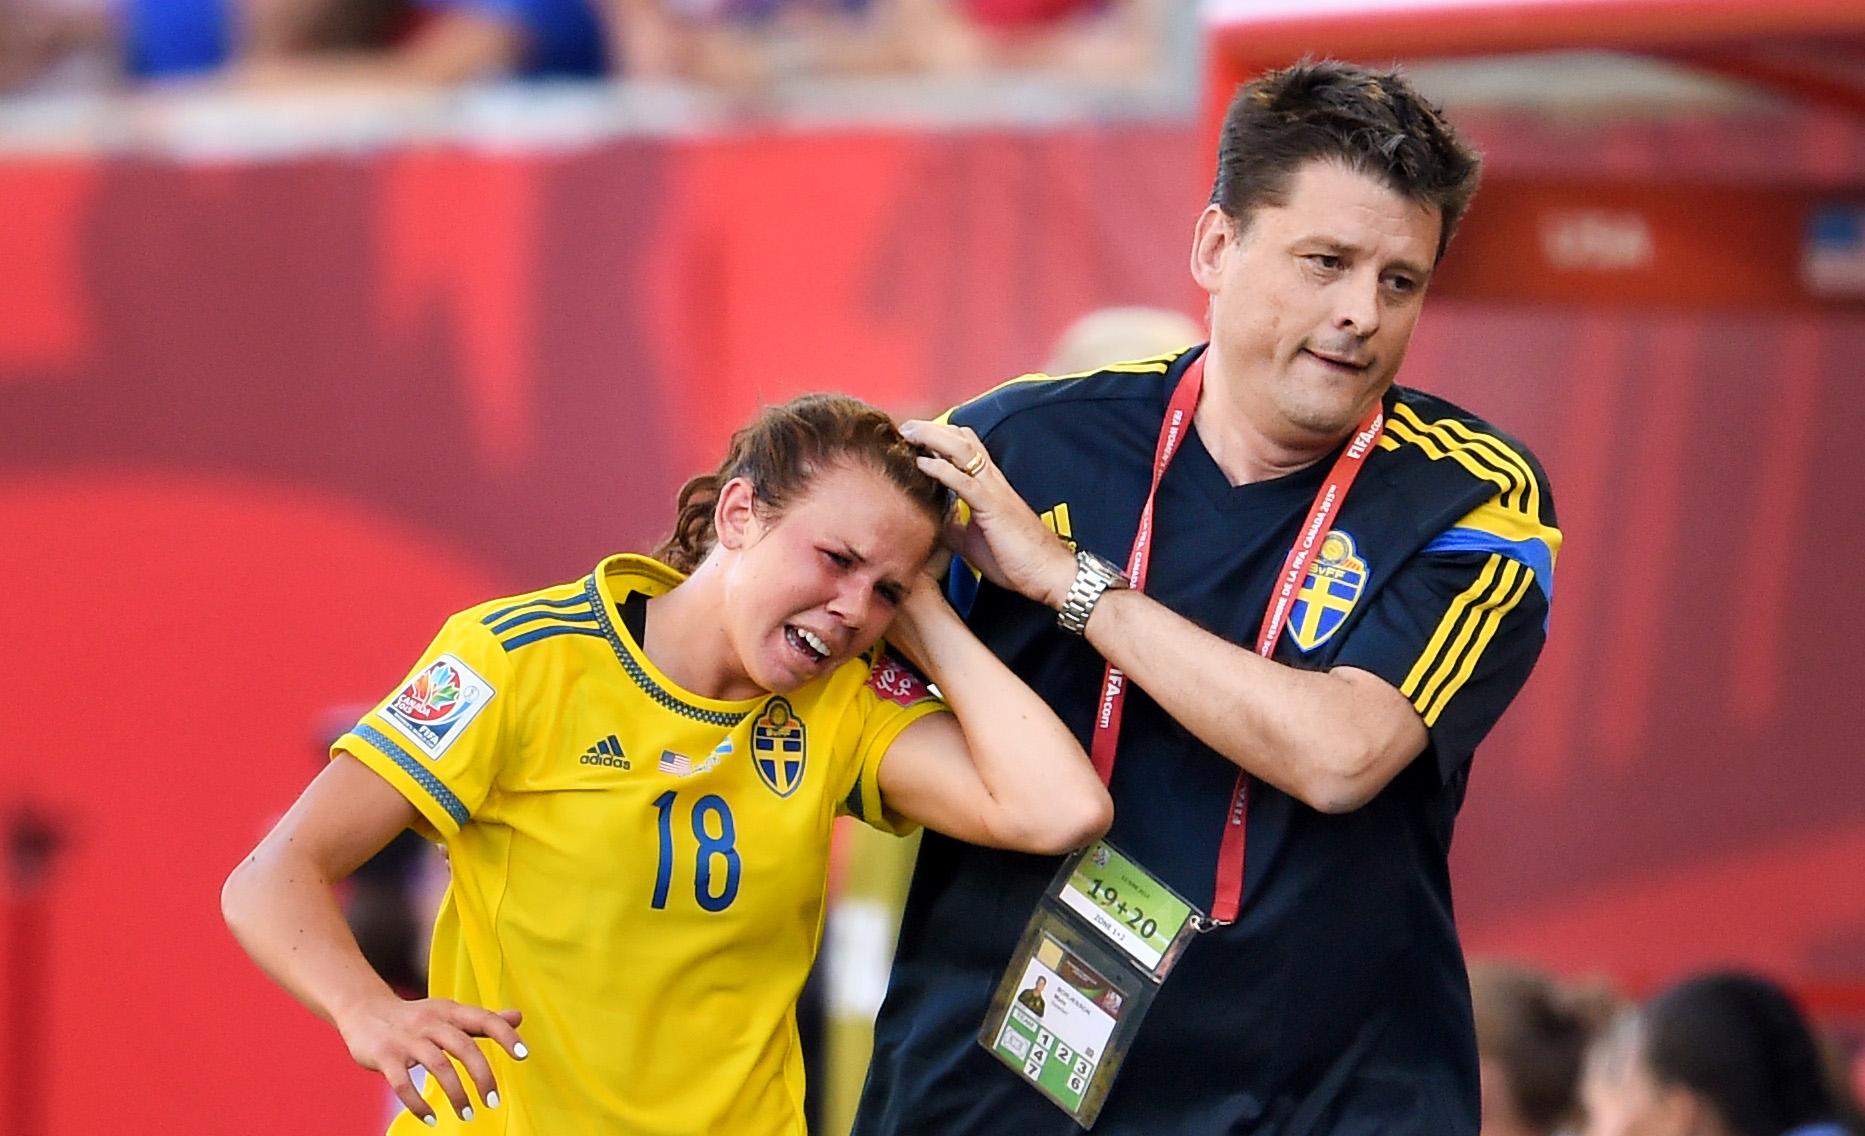 150612 Sveriges Jessica Samuelsson fŒr ett sŒr bandagerat av lŠkare Mats Bšrjesson under fotbollsmatchen i VM mellan USA och Sverige den 12 juni 2015 i Winnipeg. Foto: Carl Sandin / BILDBYRN / kod CS / 57685